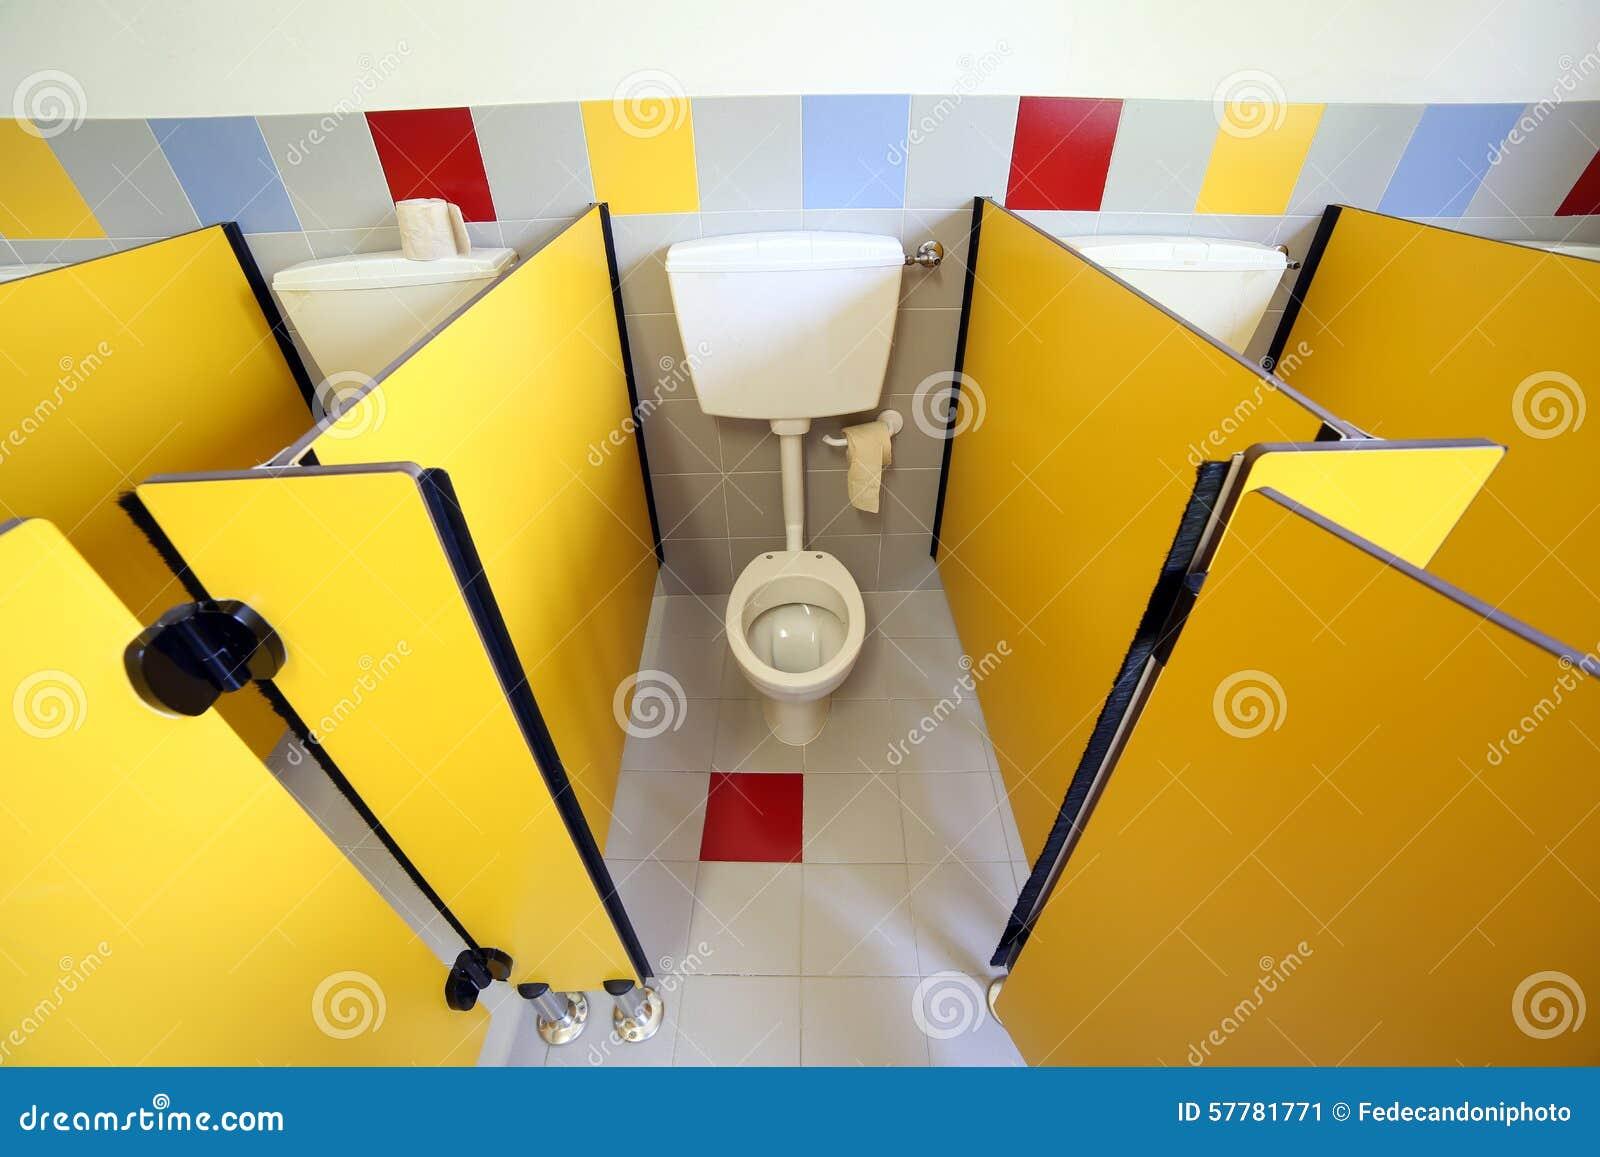 Petite toilette dans la carlingue de la salle de bains de for Petites betes dans la salle de bain